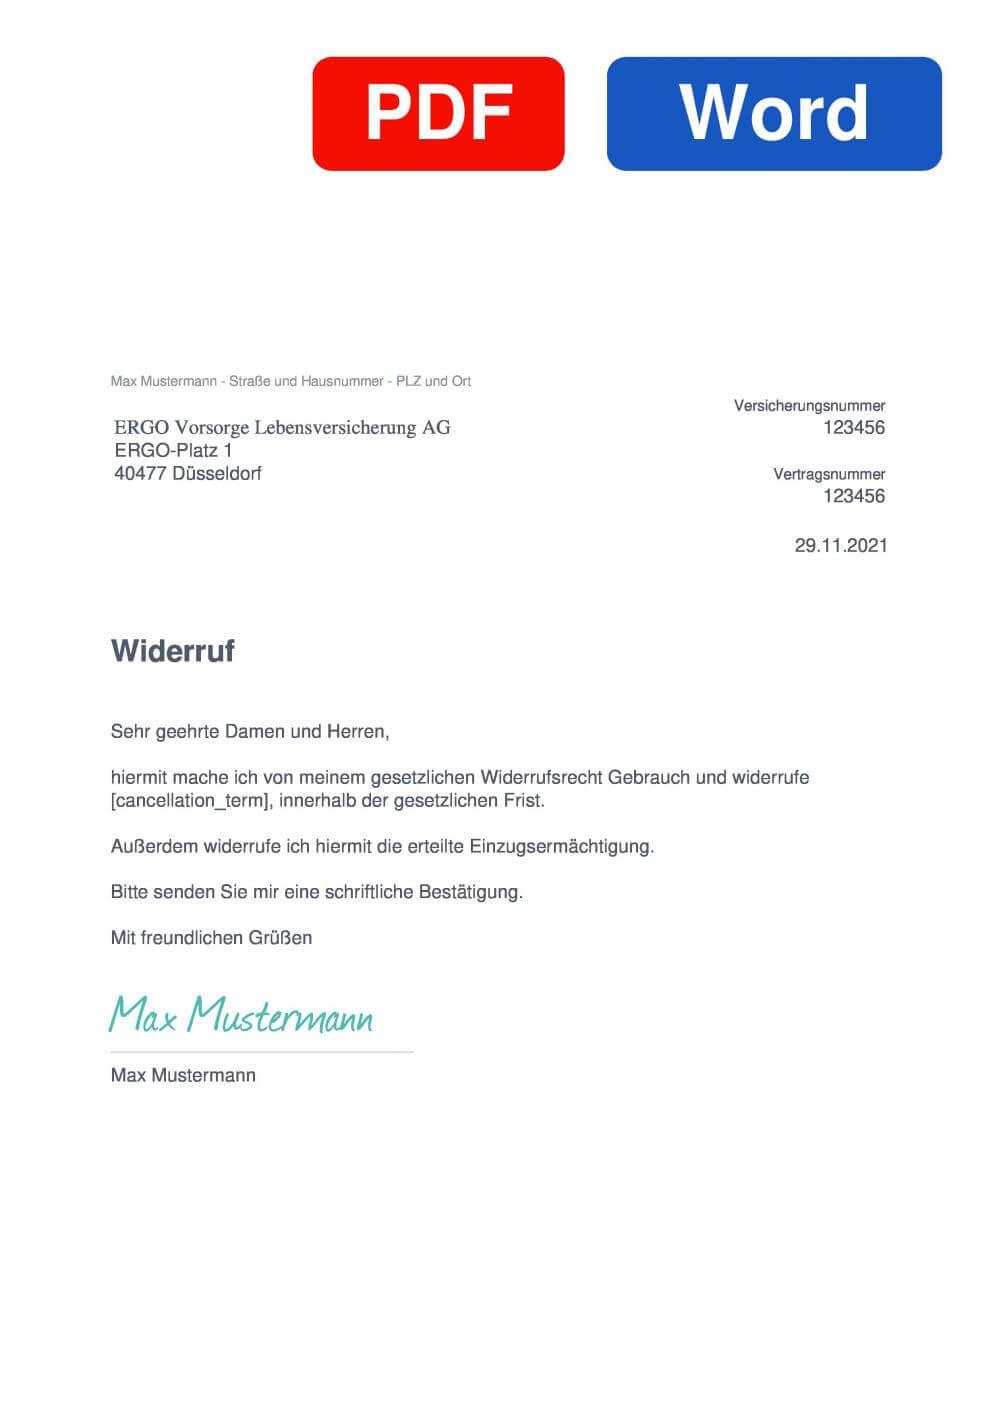 ERGO Direkt Muster Vorlage für Wiederrufsschreiben